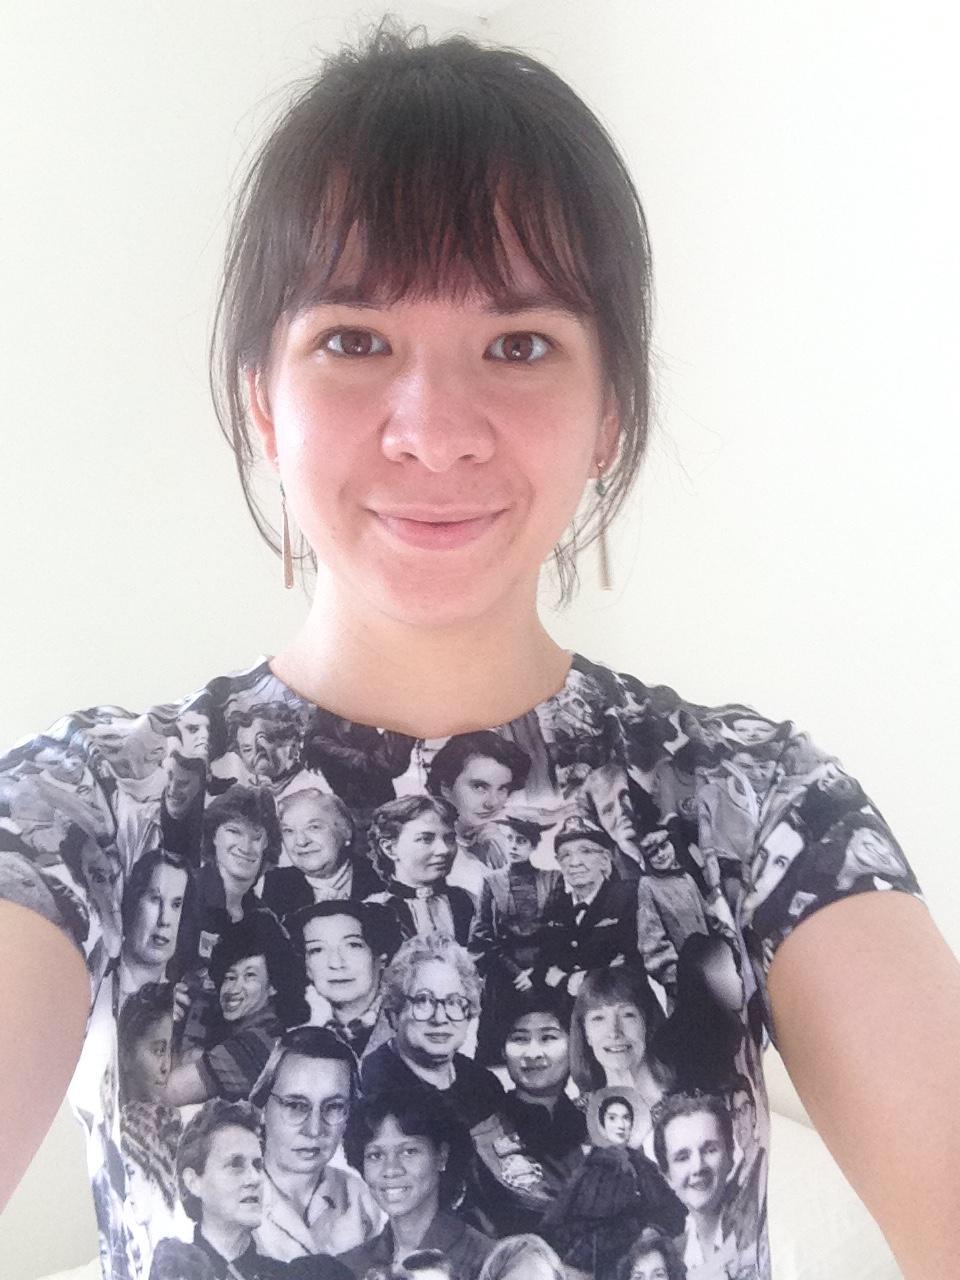 Kara wearing That Other Shirt